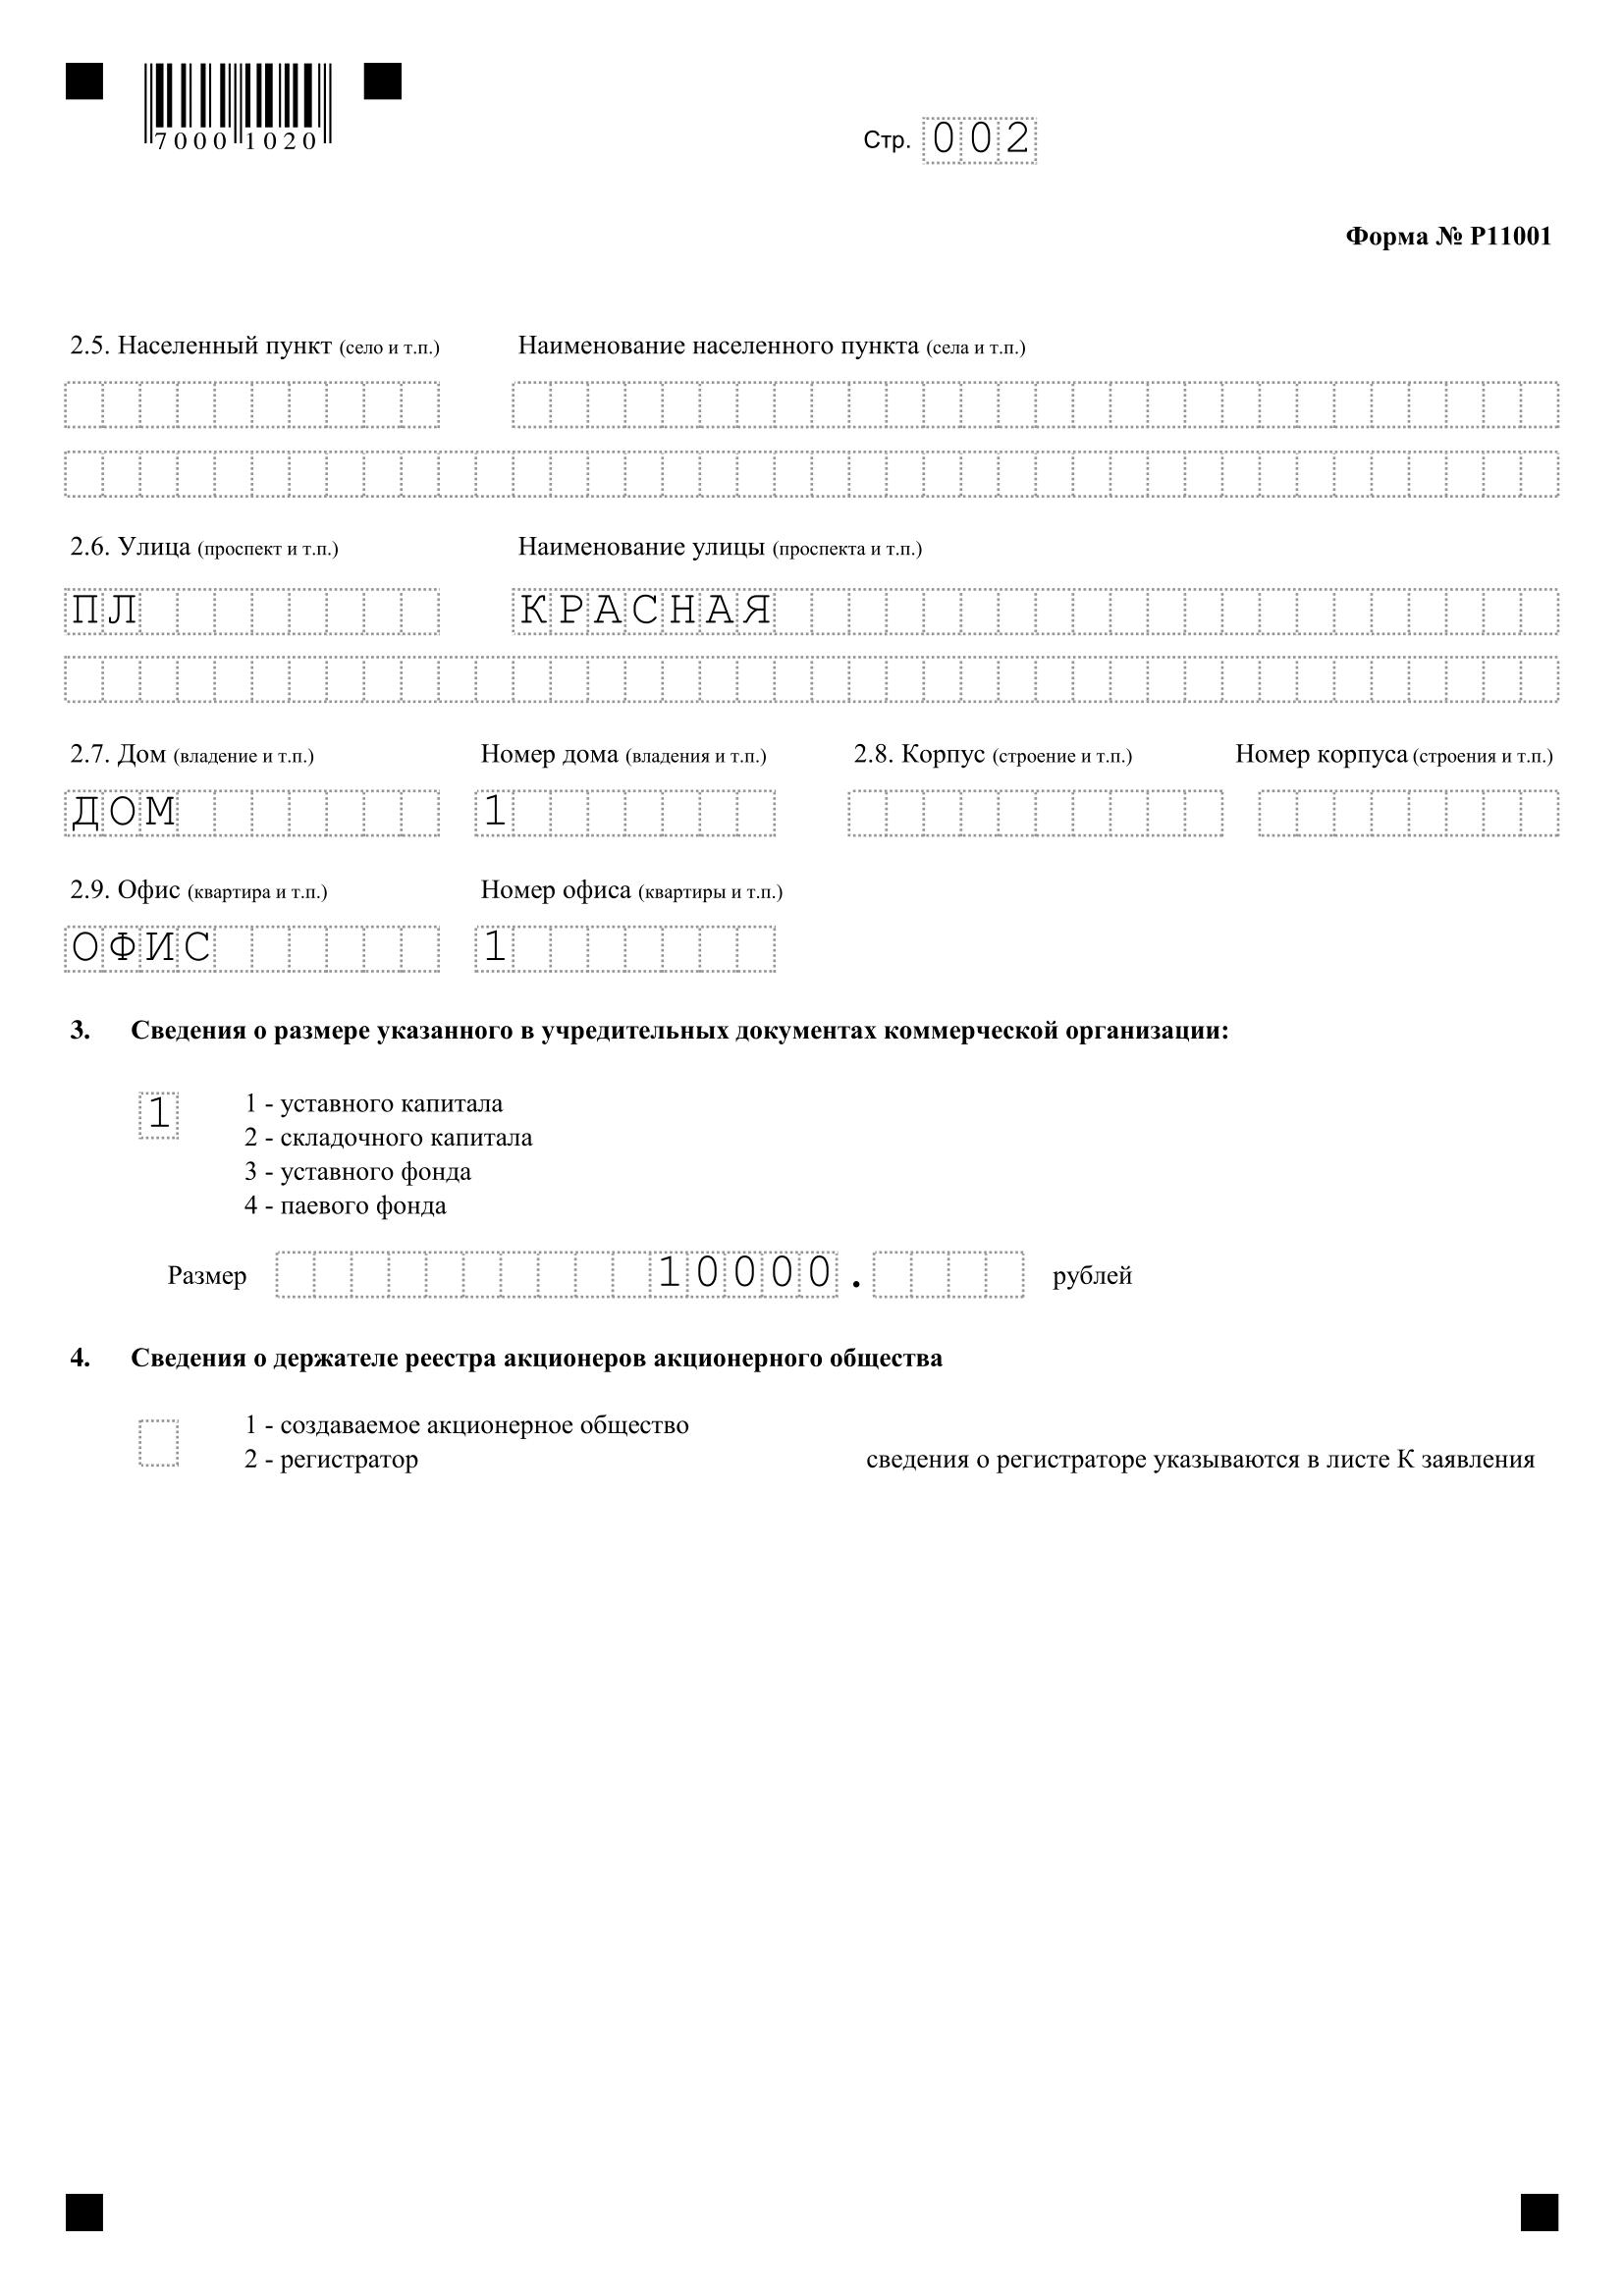 Образец заполнения Формы Р11001